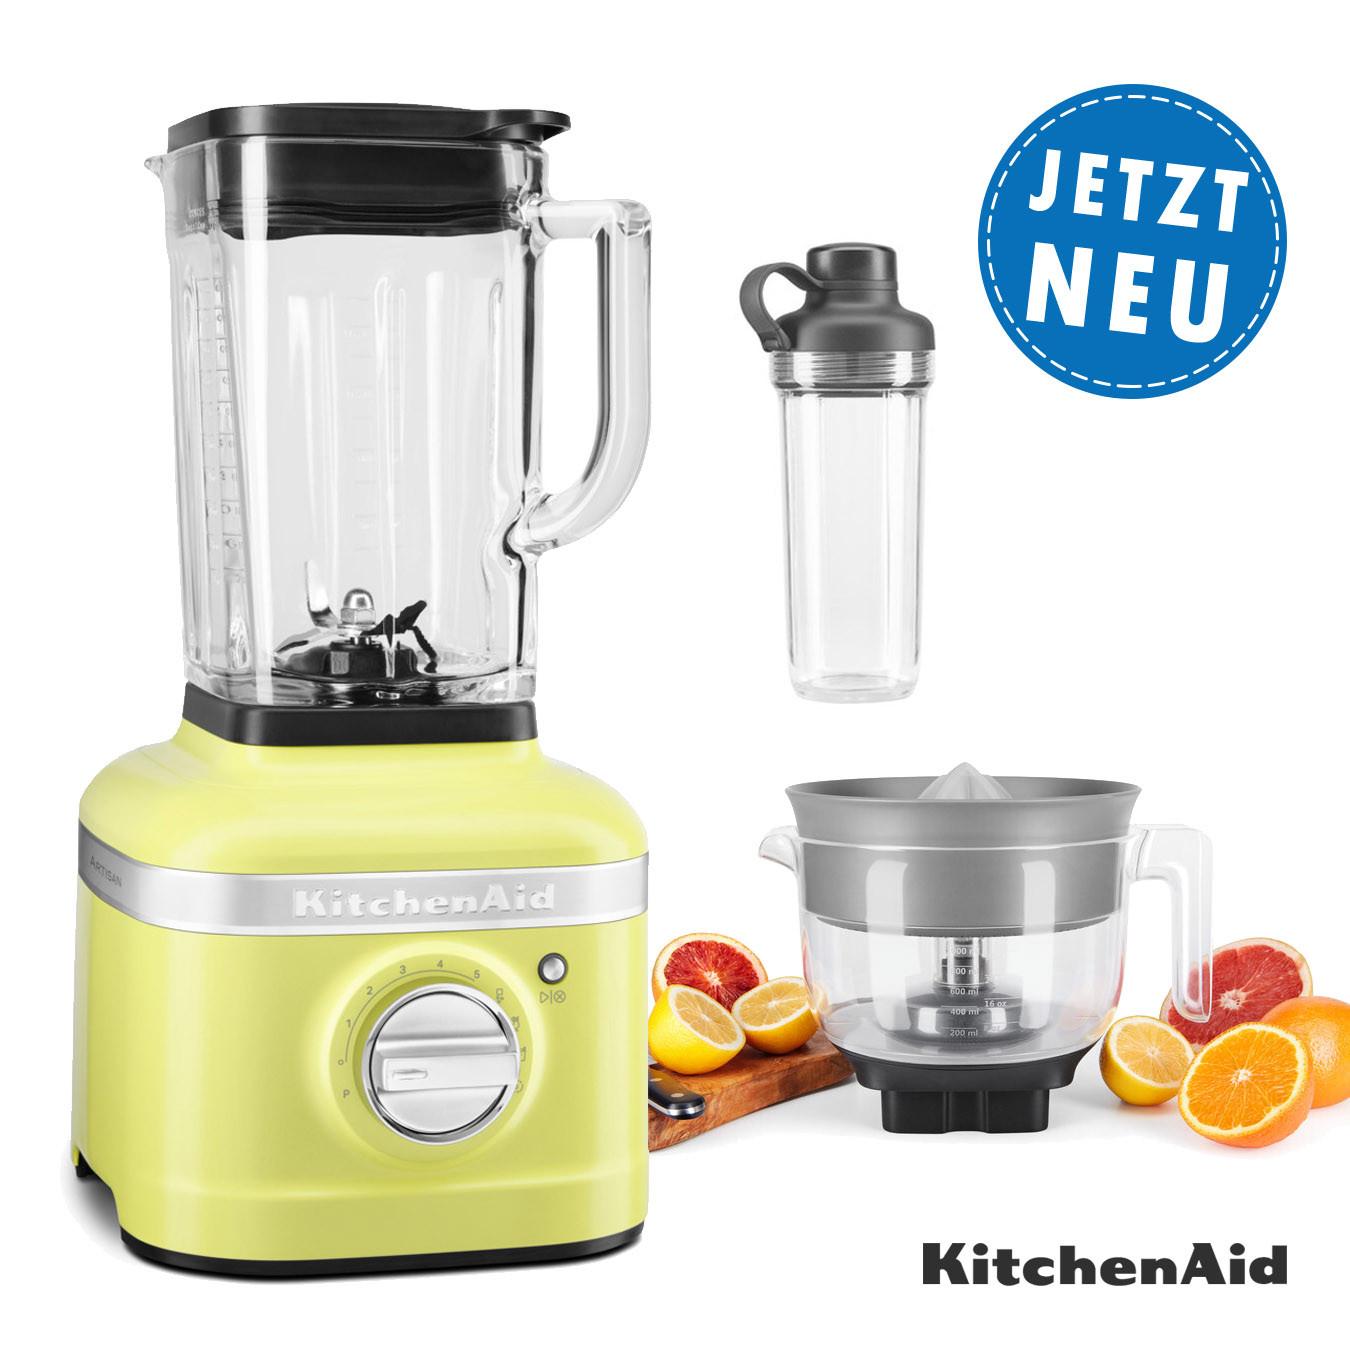 KitchenAid Standmixer K400 Sparpaket mit Zitruspresse und Mitnahmebhälter